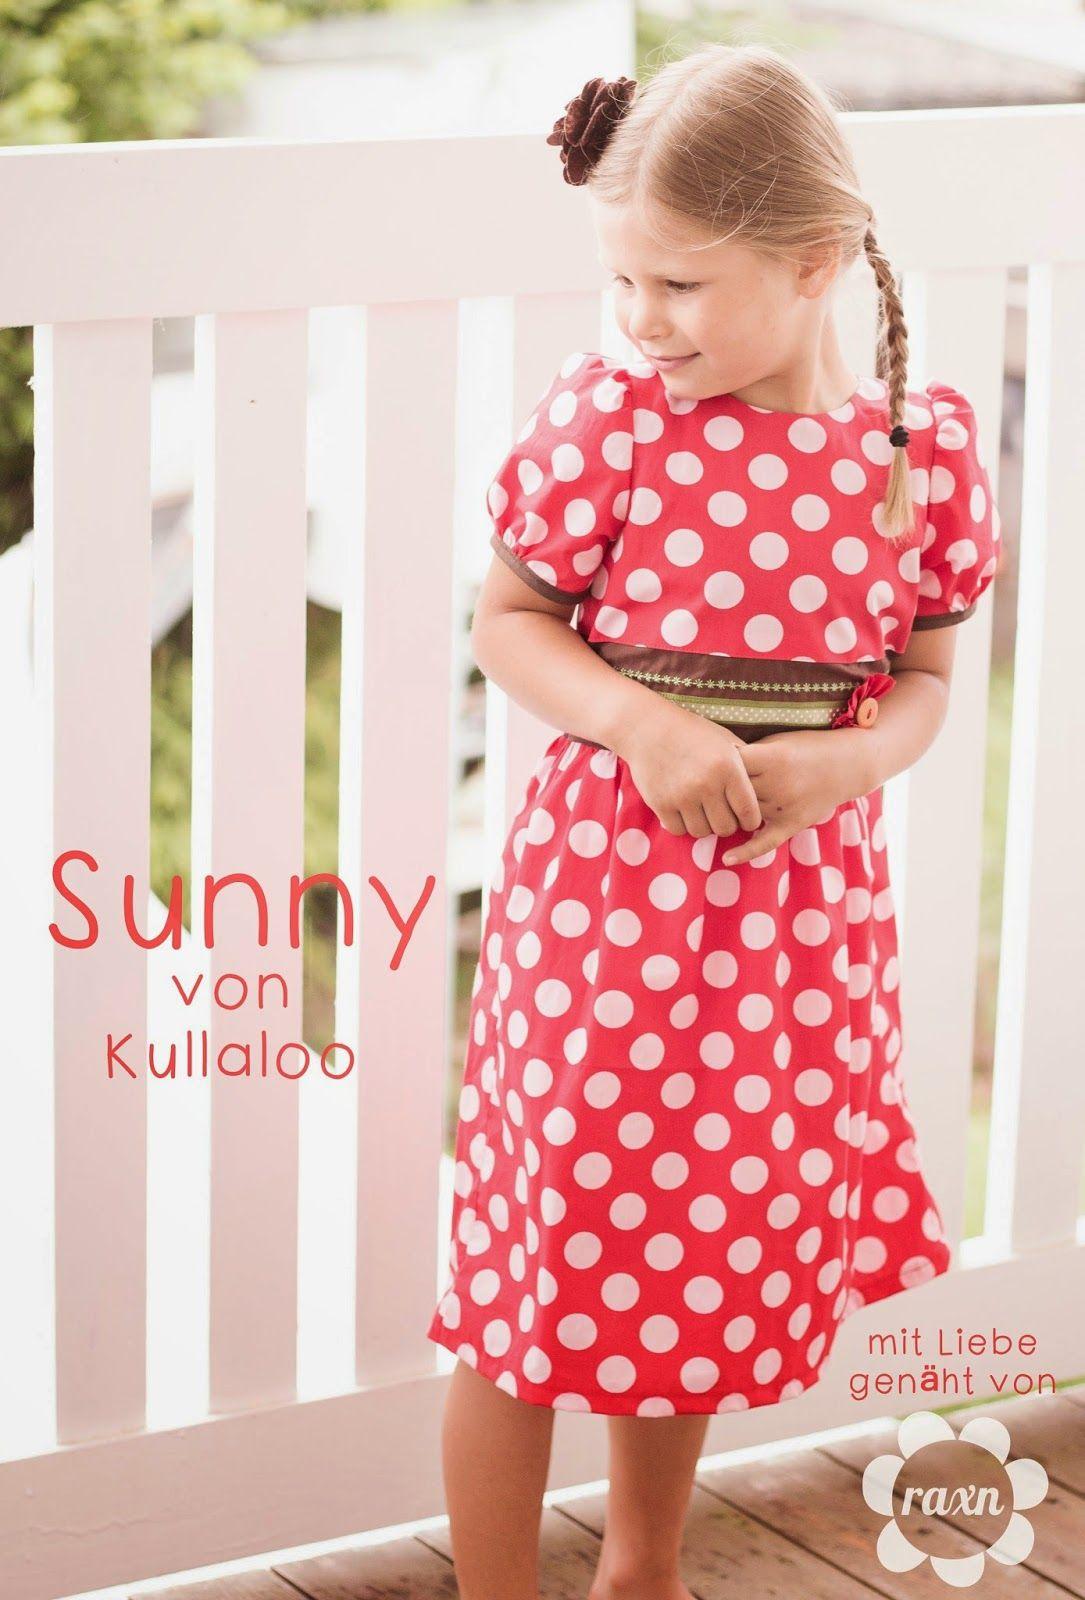 raxn: Sunny Summer Moments - Probenähen für Kullaloo ...